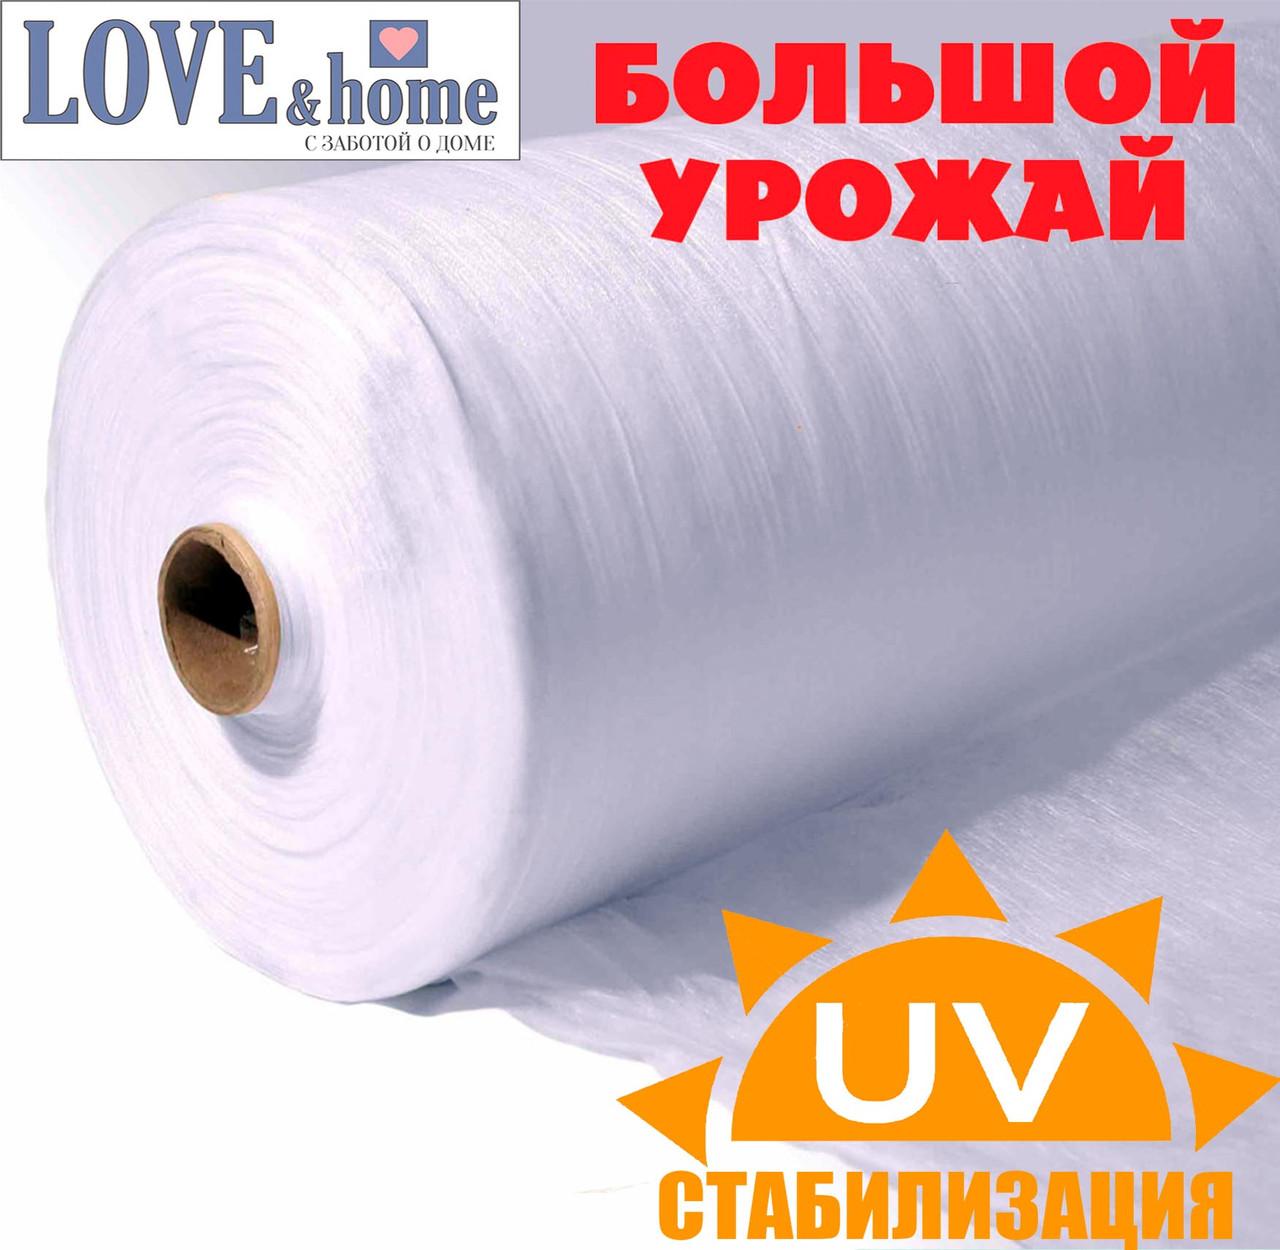 Агроволокно белое, плотность 30г/м². ширина 8.5 м. длинна 50м.